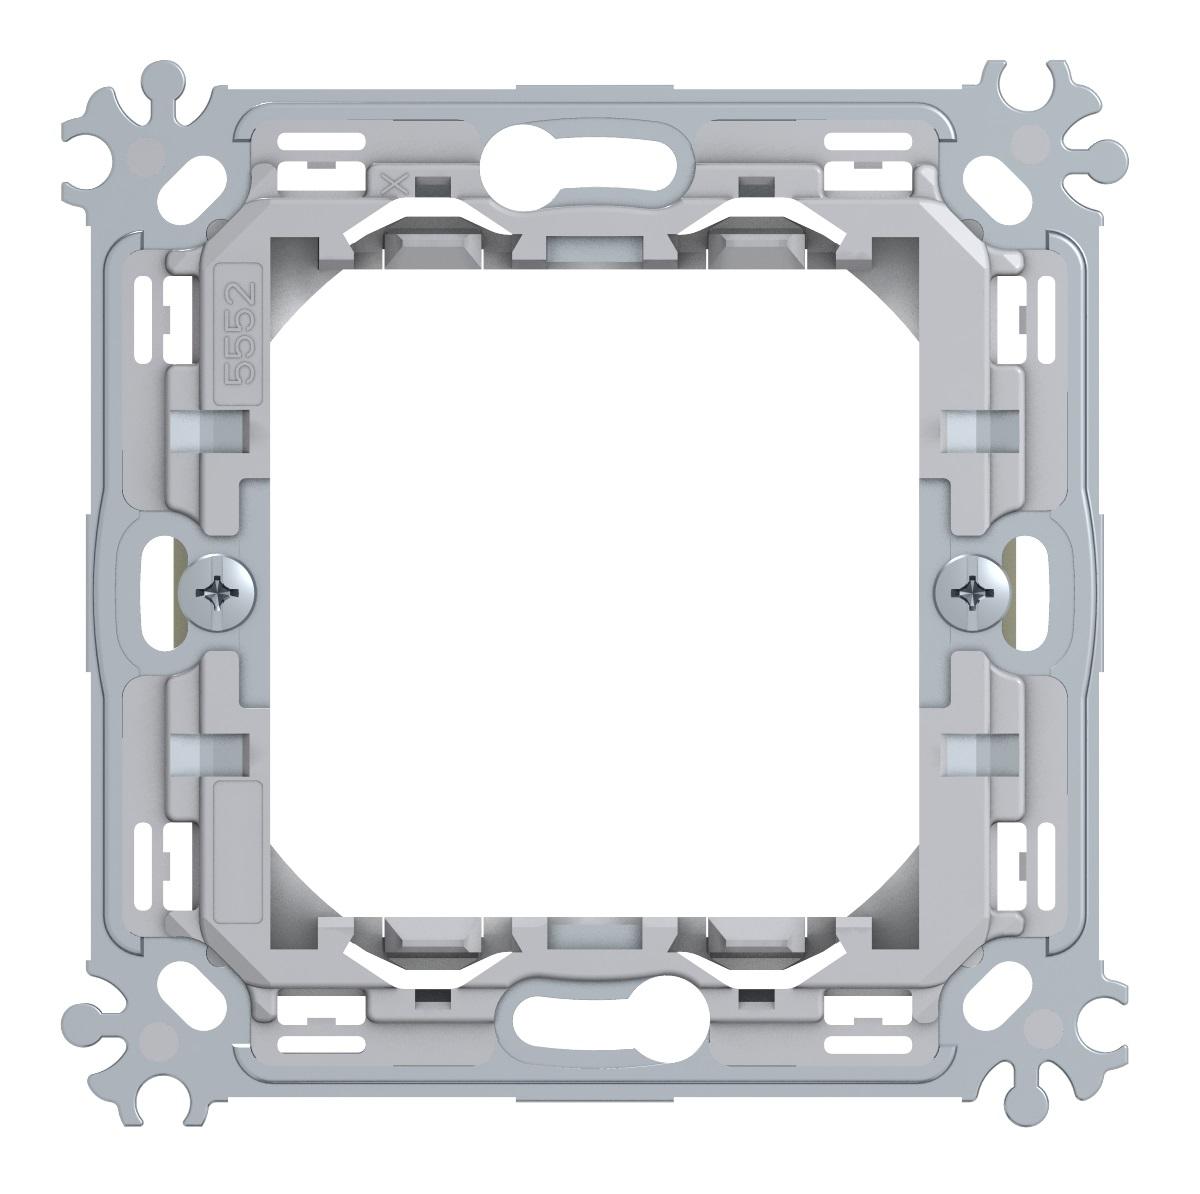 1 Stk Montagerahmen Metall mit Krallen 2M ET1050031-